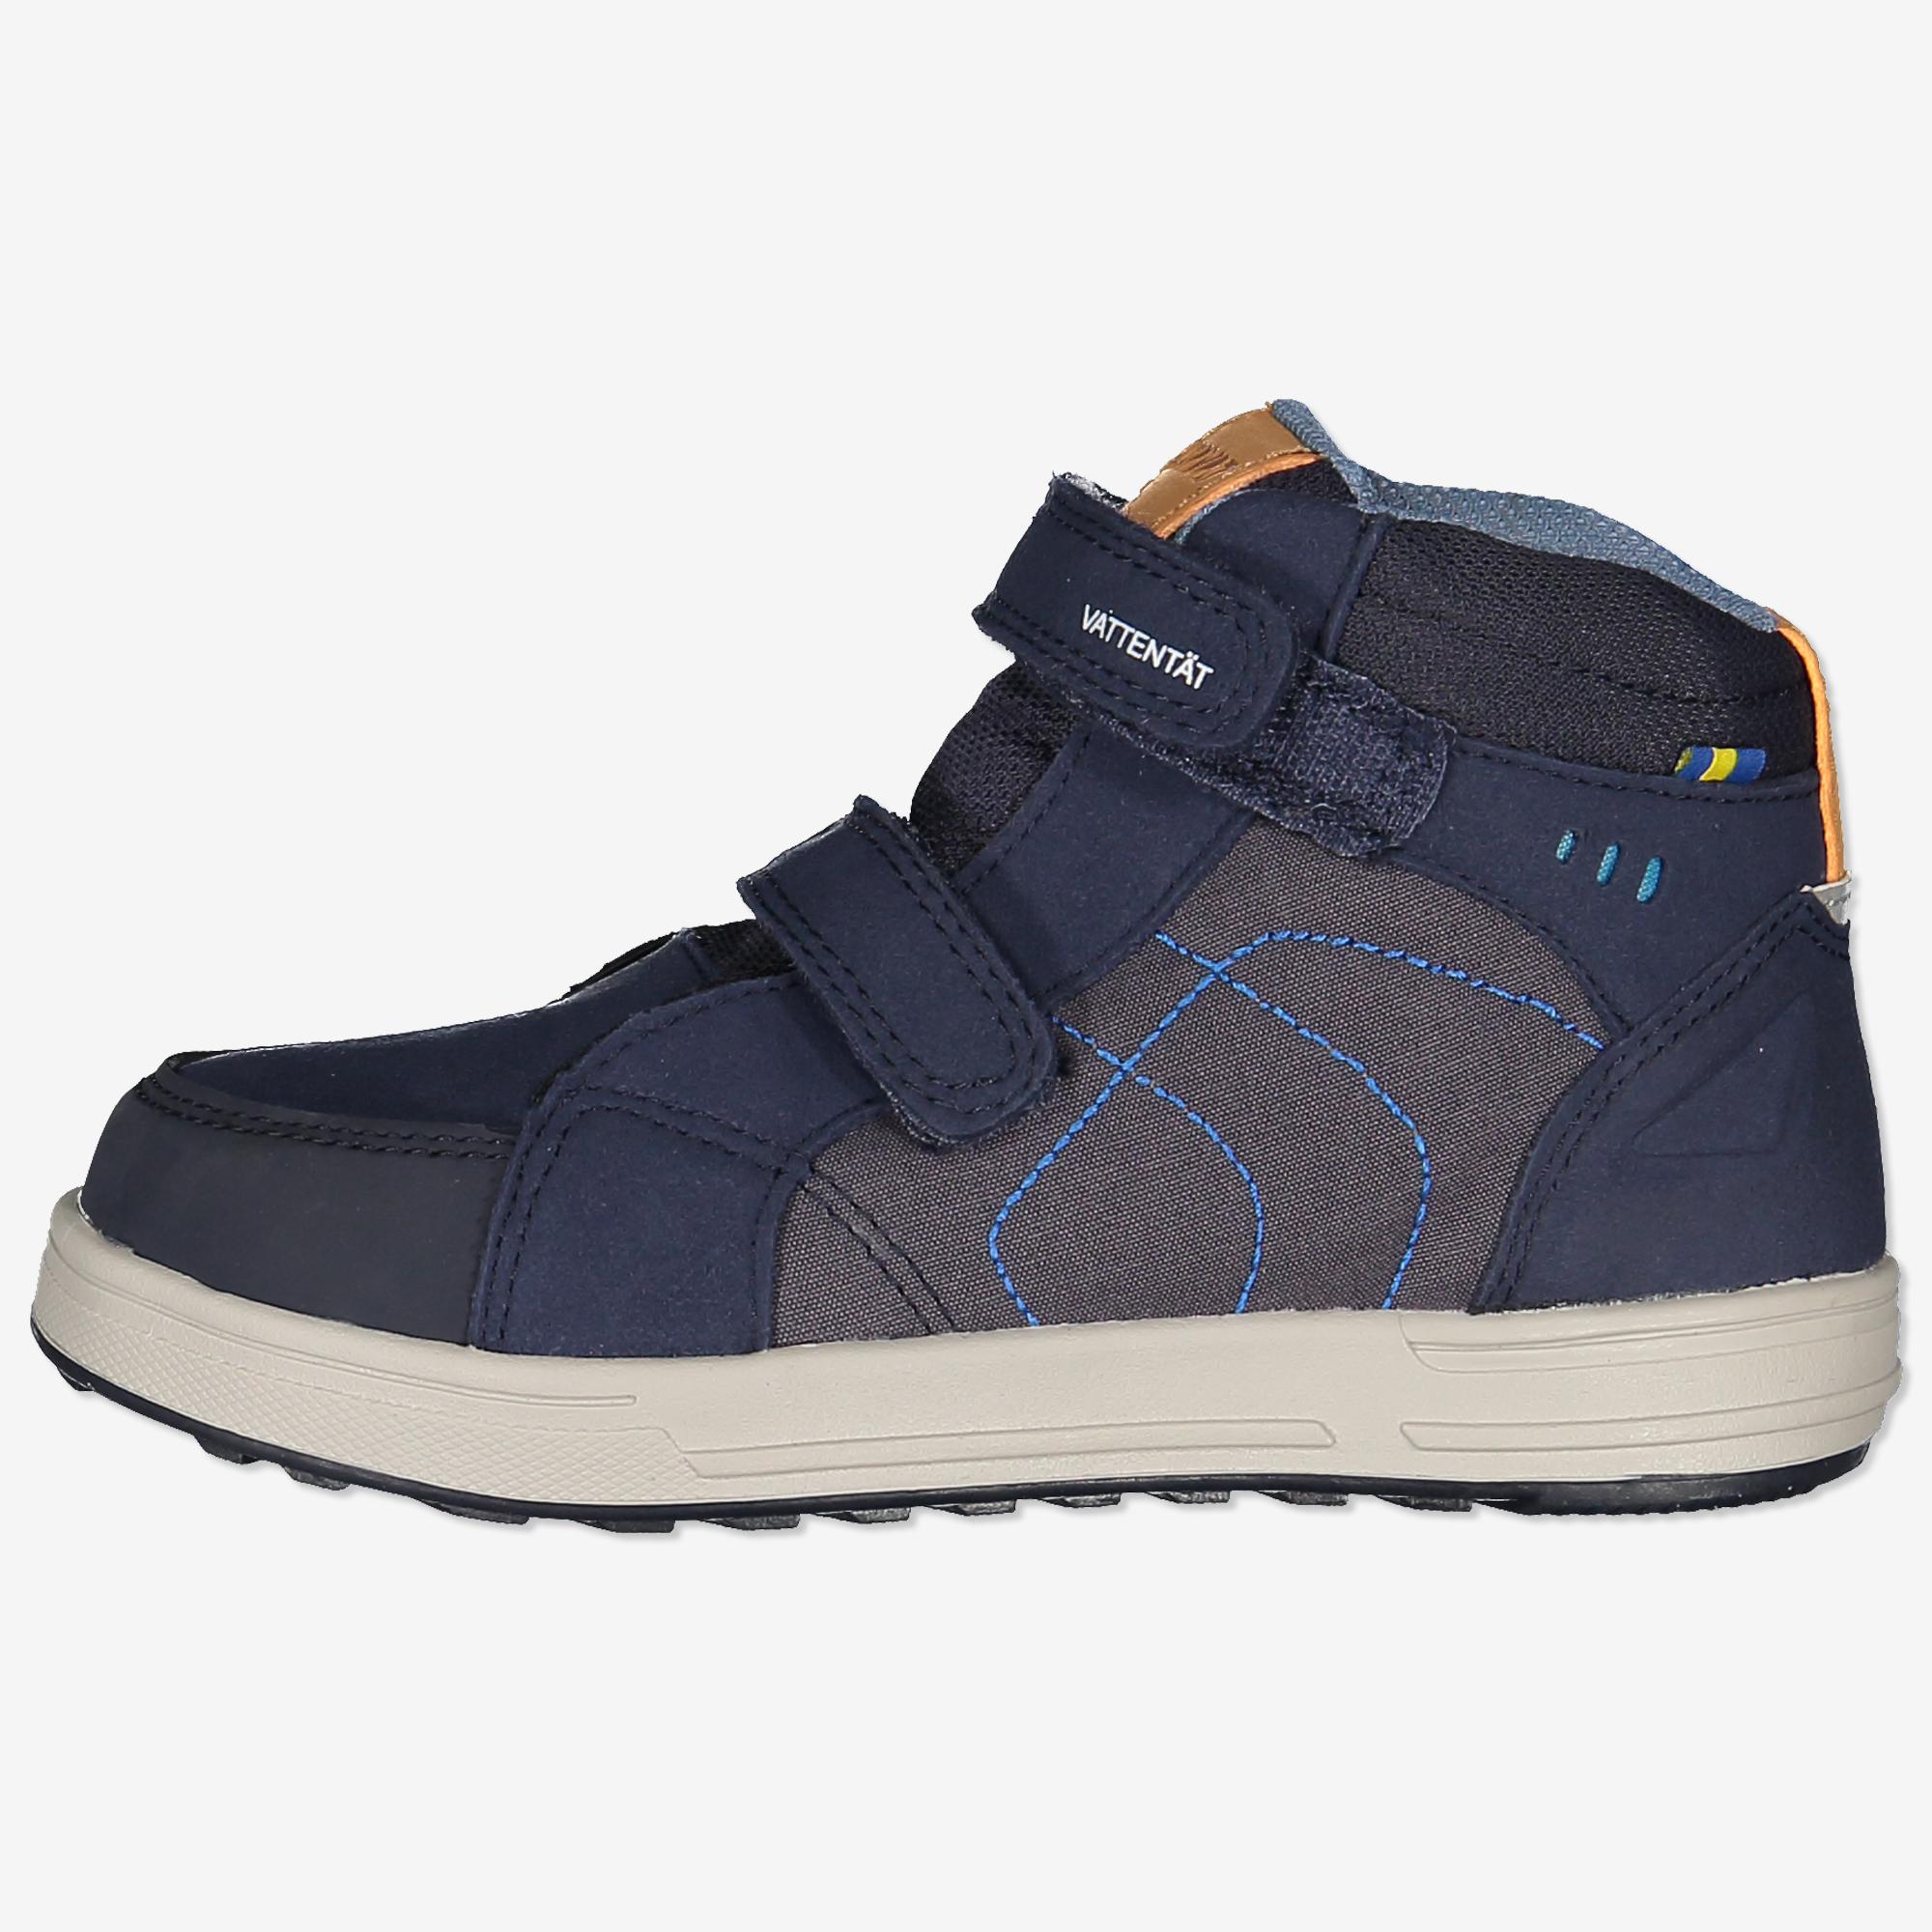 Sneaker kavat svedby wp mørkblå | Polarnopyret.no